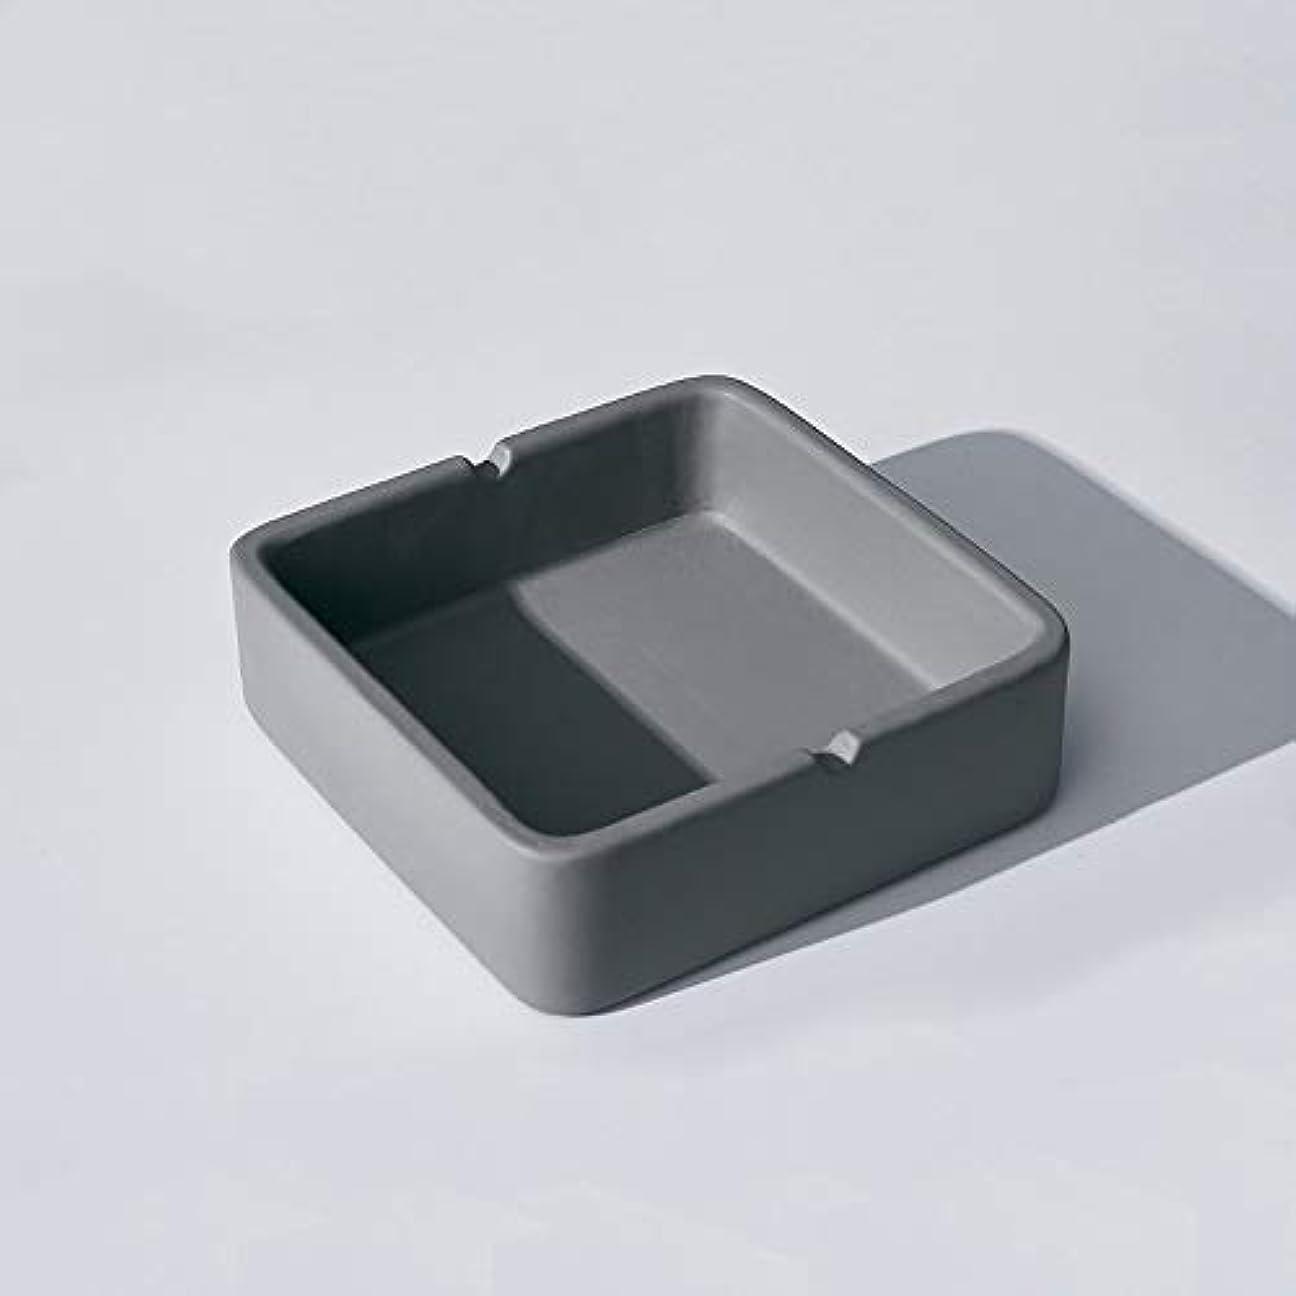 ペネロペモザイク絶滅させる正方形の灰皿、繊細なコンクリートの質感の灰皿、多人数使用シーンに適したパーソナライズされた屋外の灰皿の装飾 (Size : S)